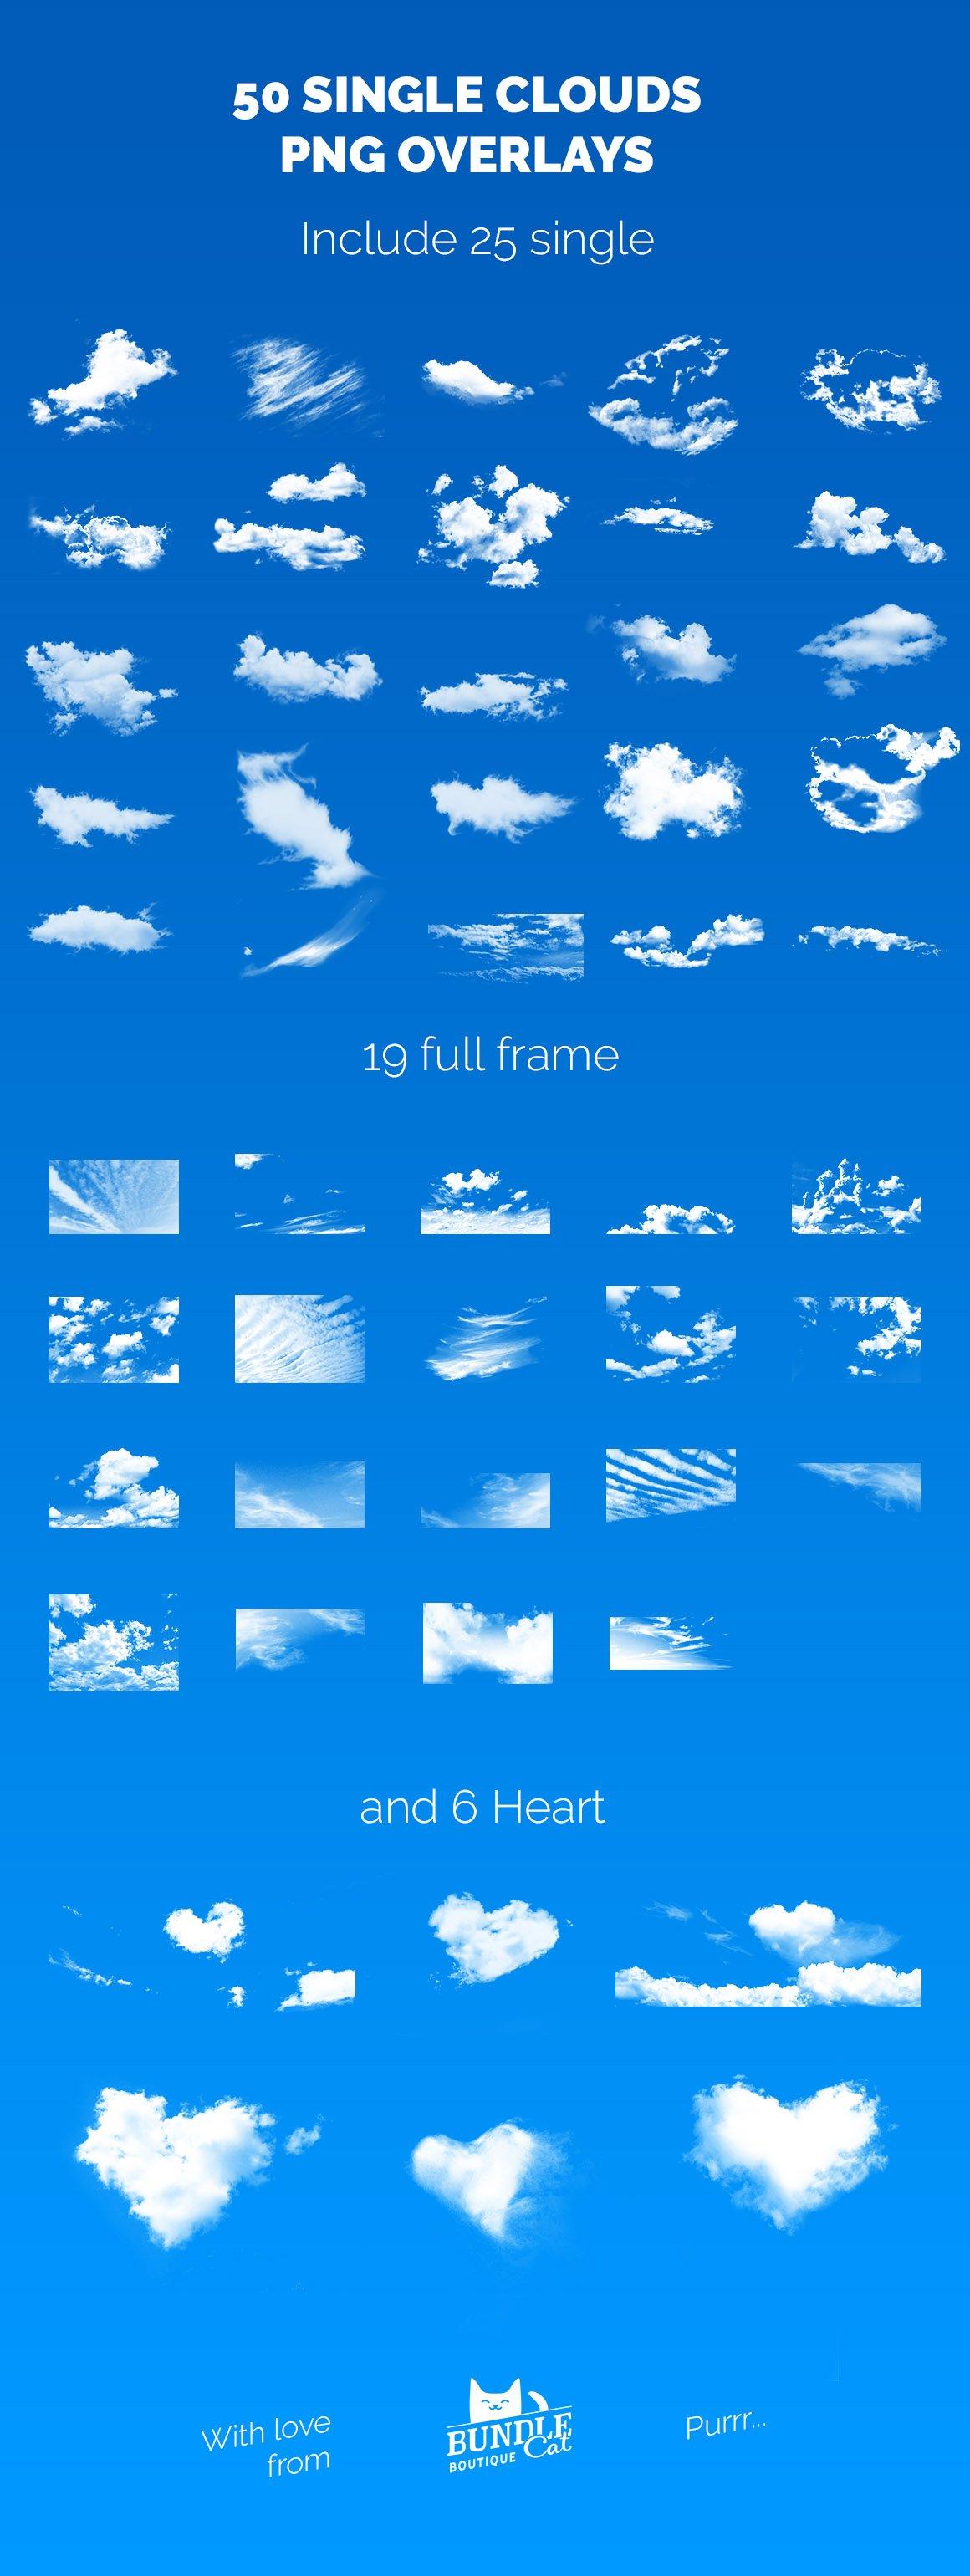 50张高清白云云朵叠加层PNG图片素材 50 Single Clouds Photo Overlays插图(5)